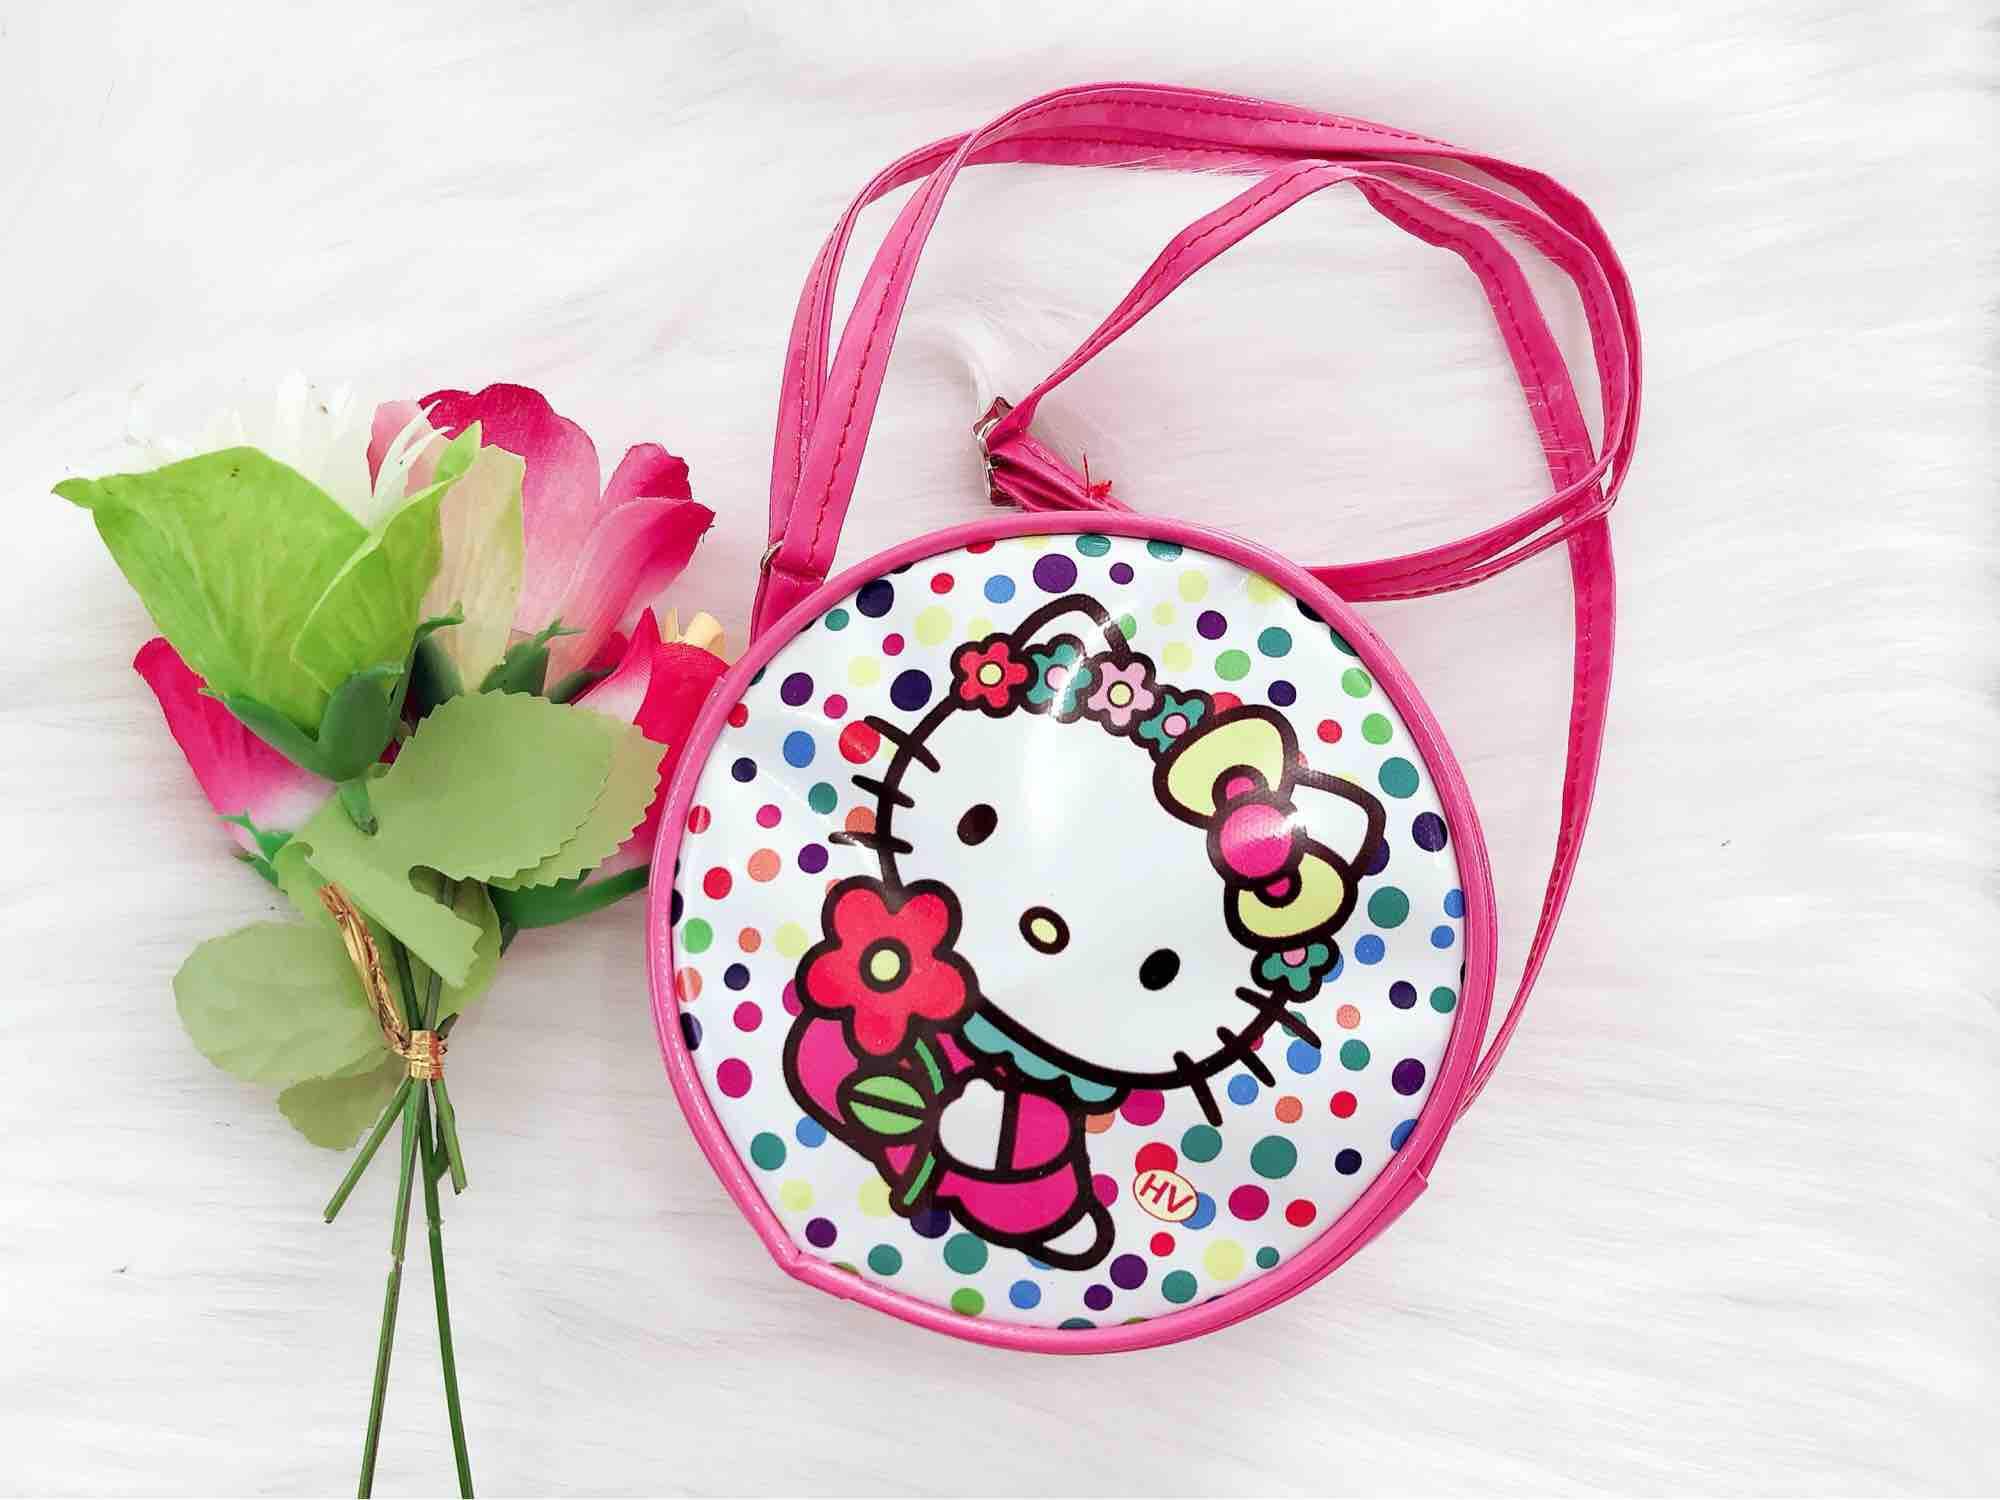 Túi đeo chéo Kitty,thời trang cho bé,màu hồng mẫu y hình.